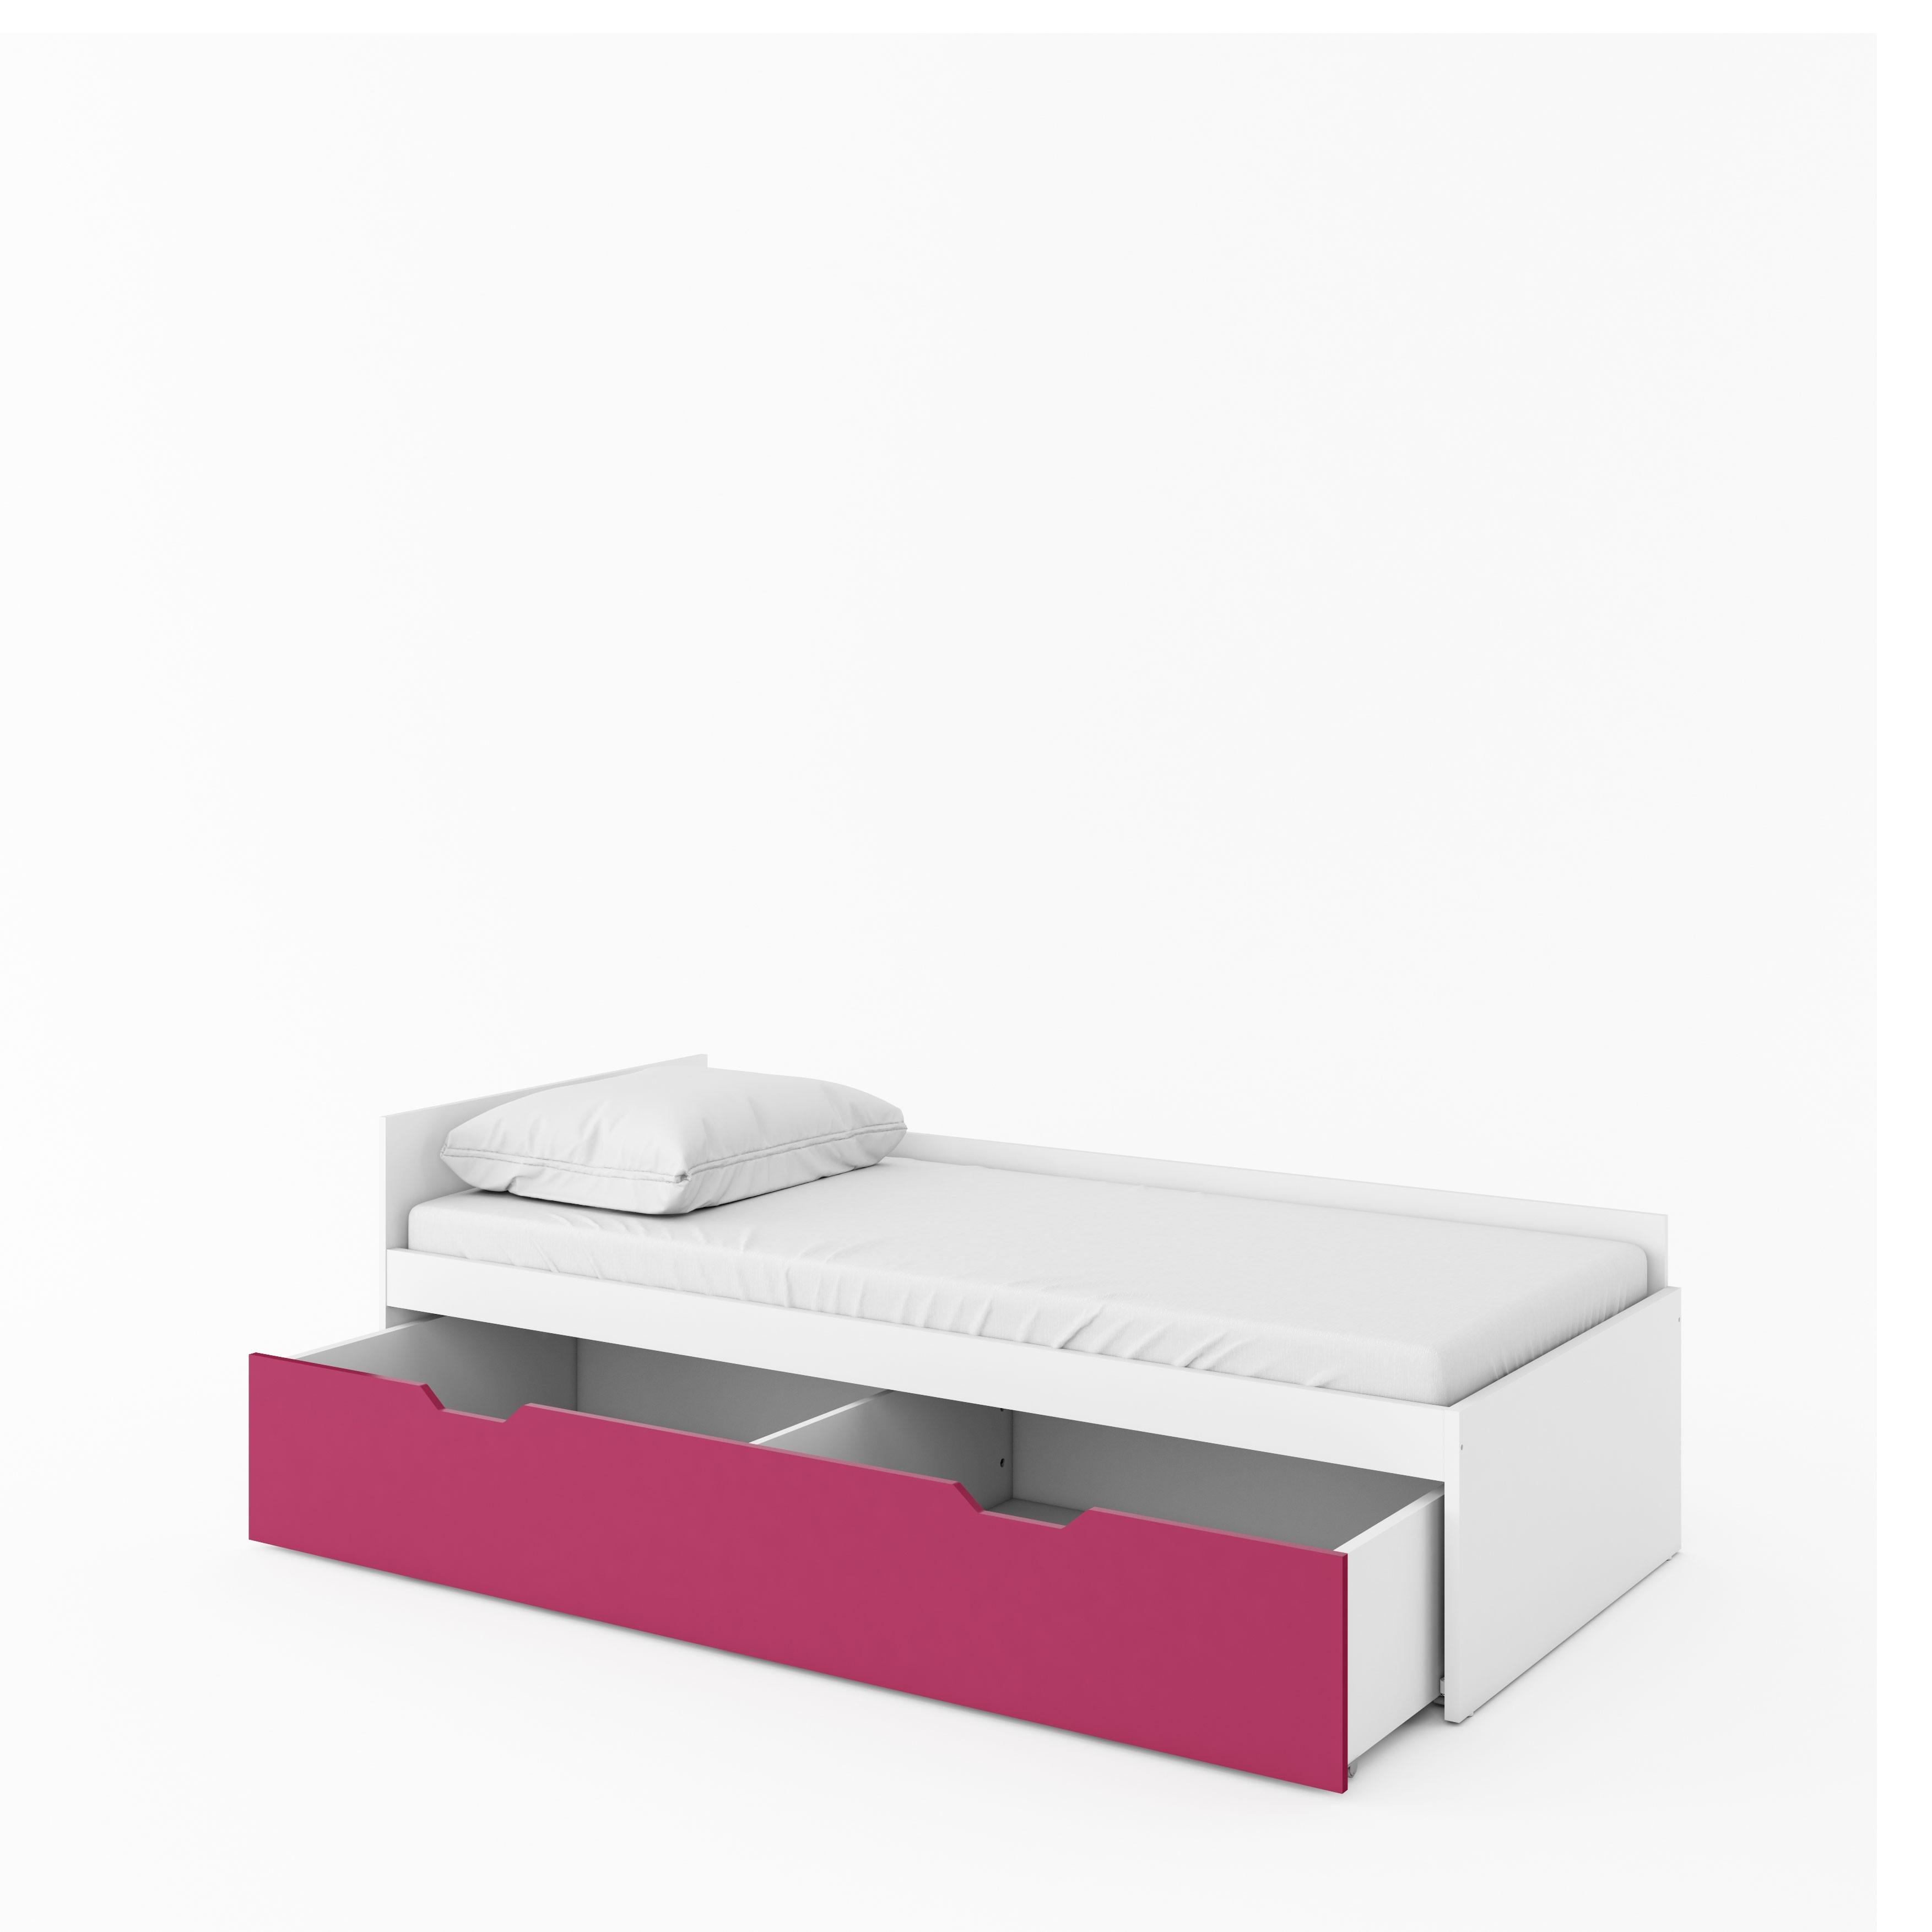 jugendbett mit matratze jugendbett mit matratze arne a19. Black Bedroom Furniture Sets. Home Design Ideas